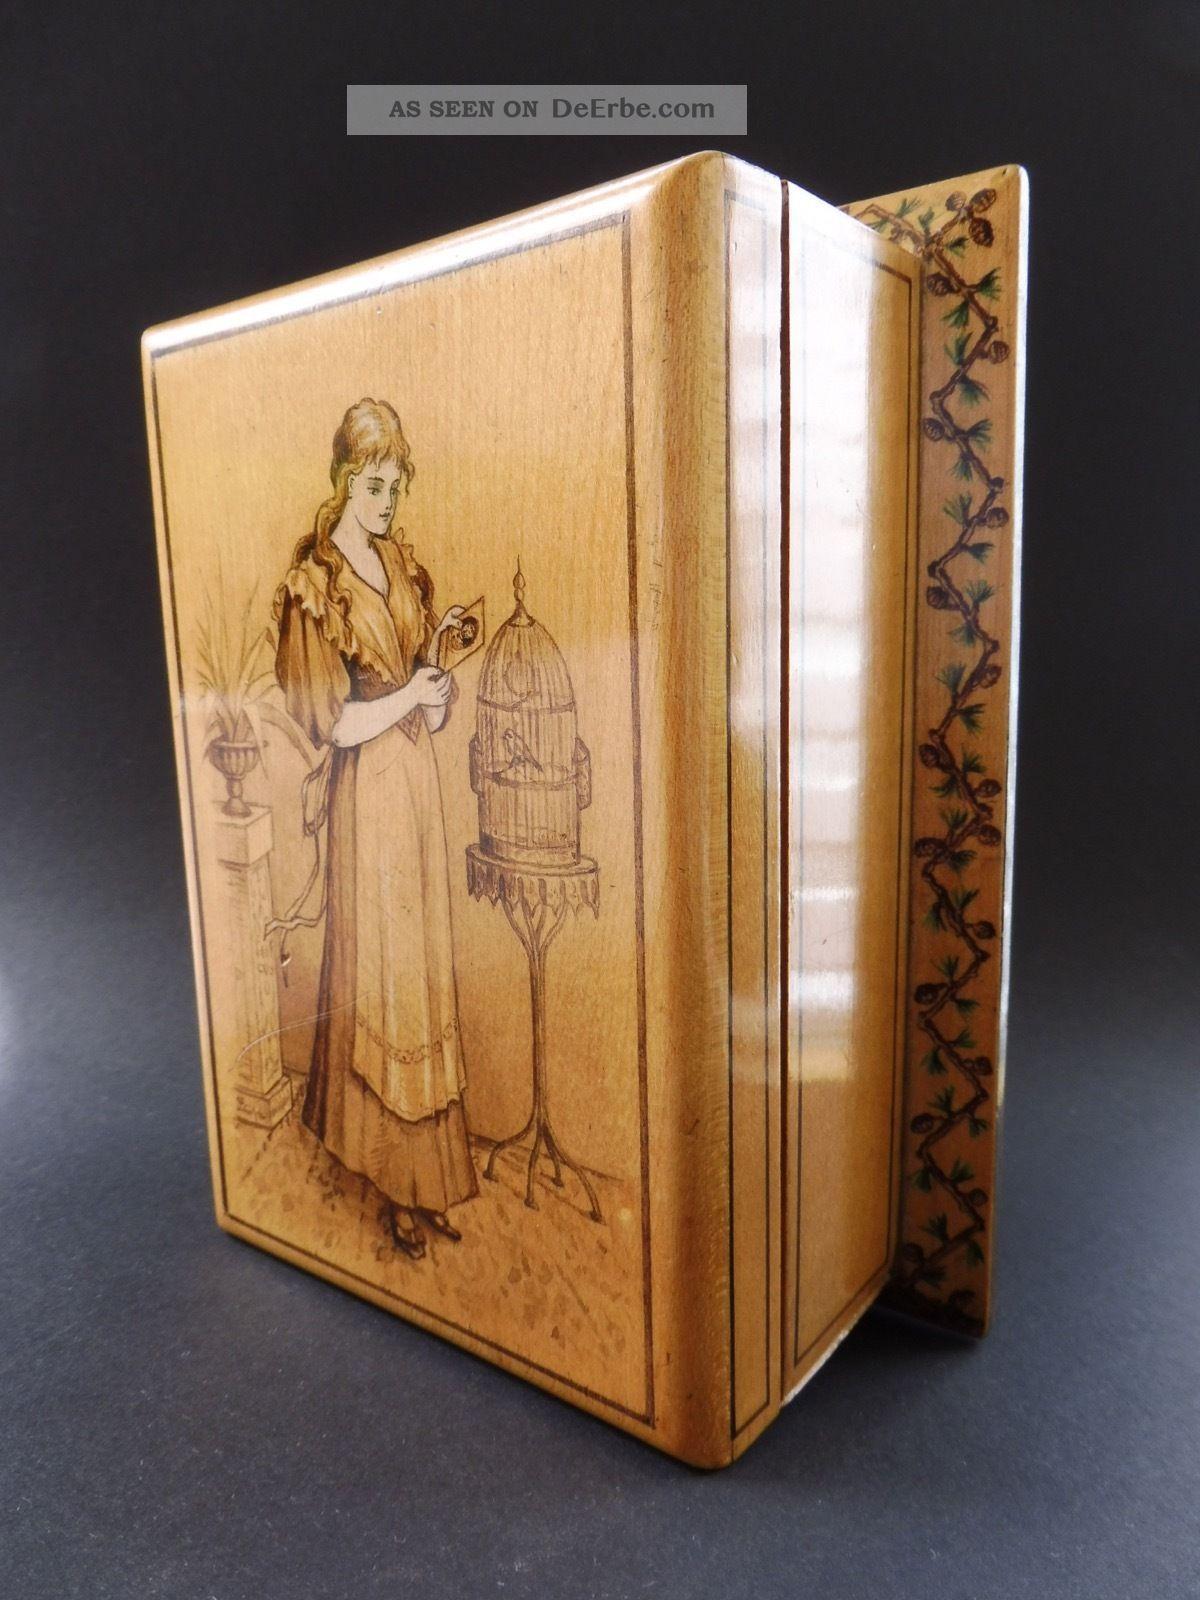 :: Jugendstil MÄdchen VogelkÄfig Holz Kassette Art Nouveau Box Maiden Birdcage 1890-1919, Jugendstil Bild